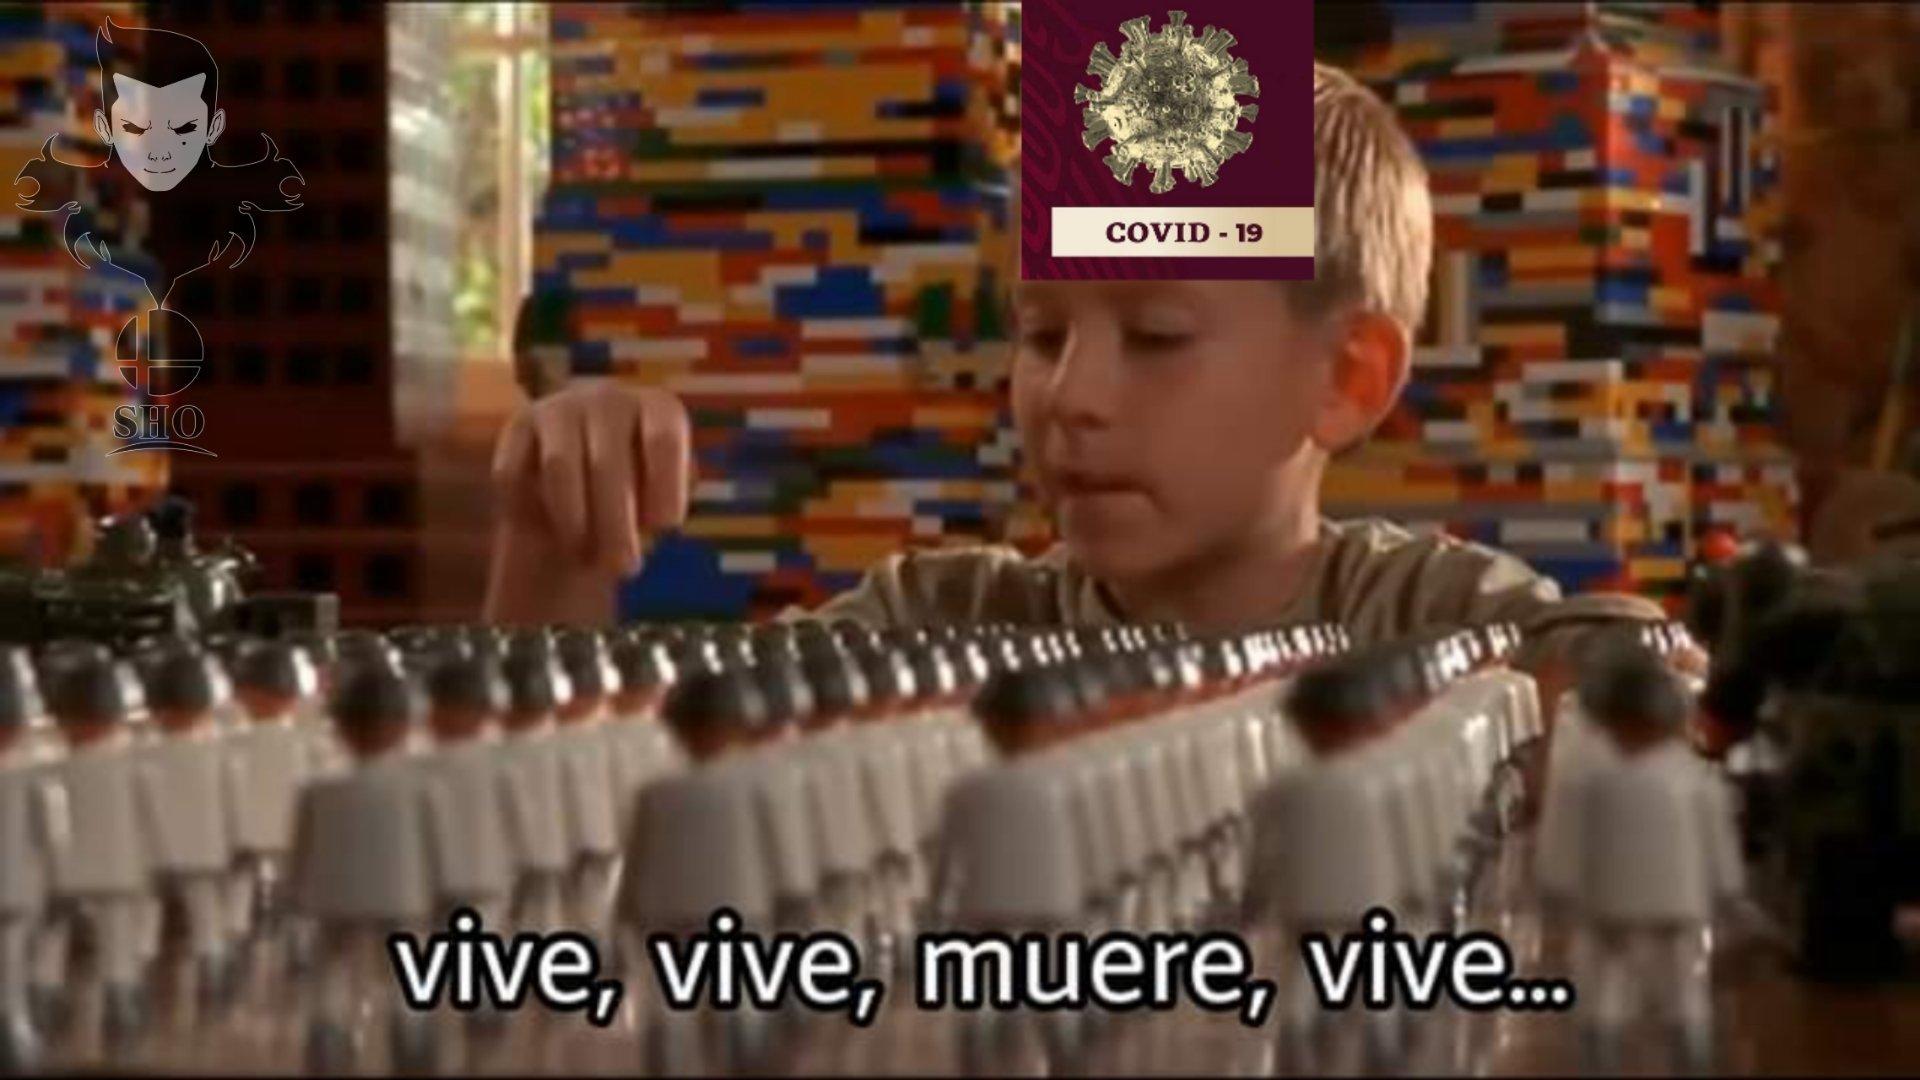 Ya basta Covid 19!!! - meme